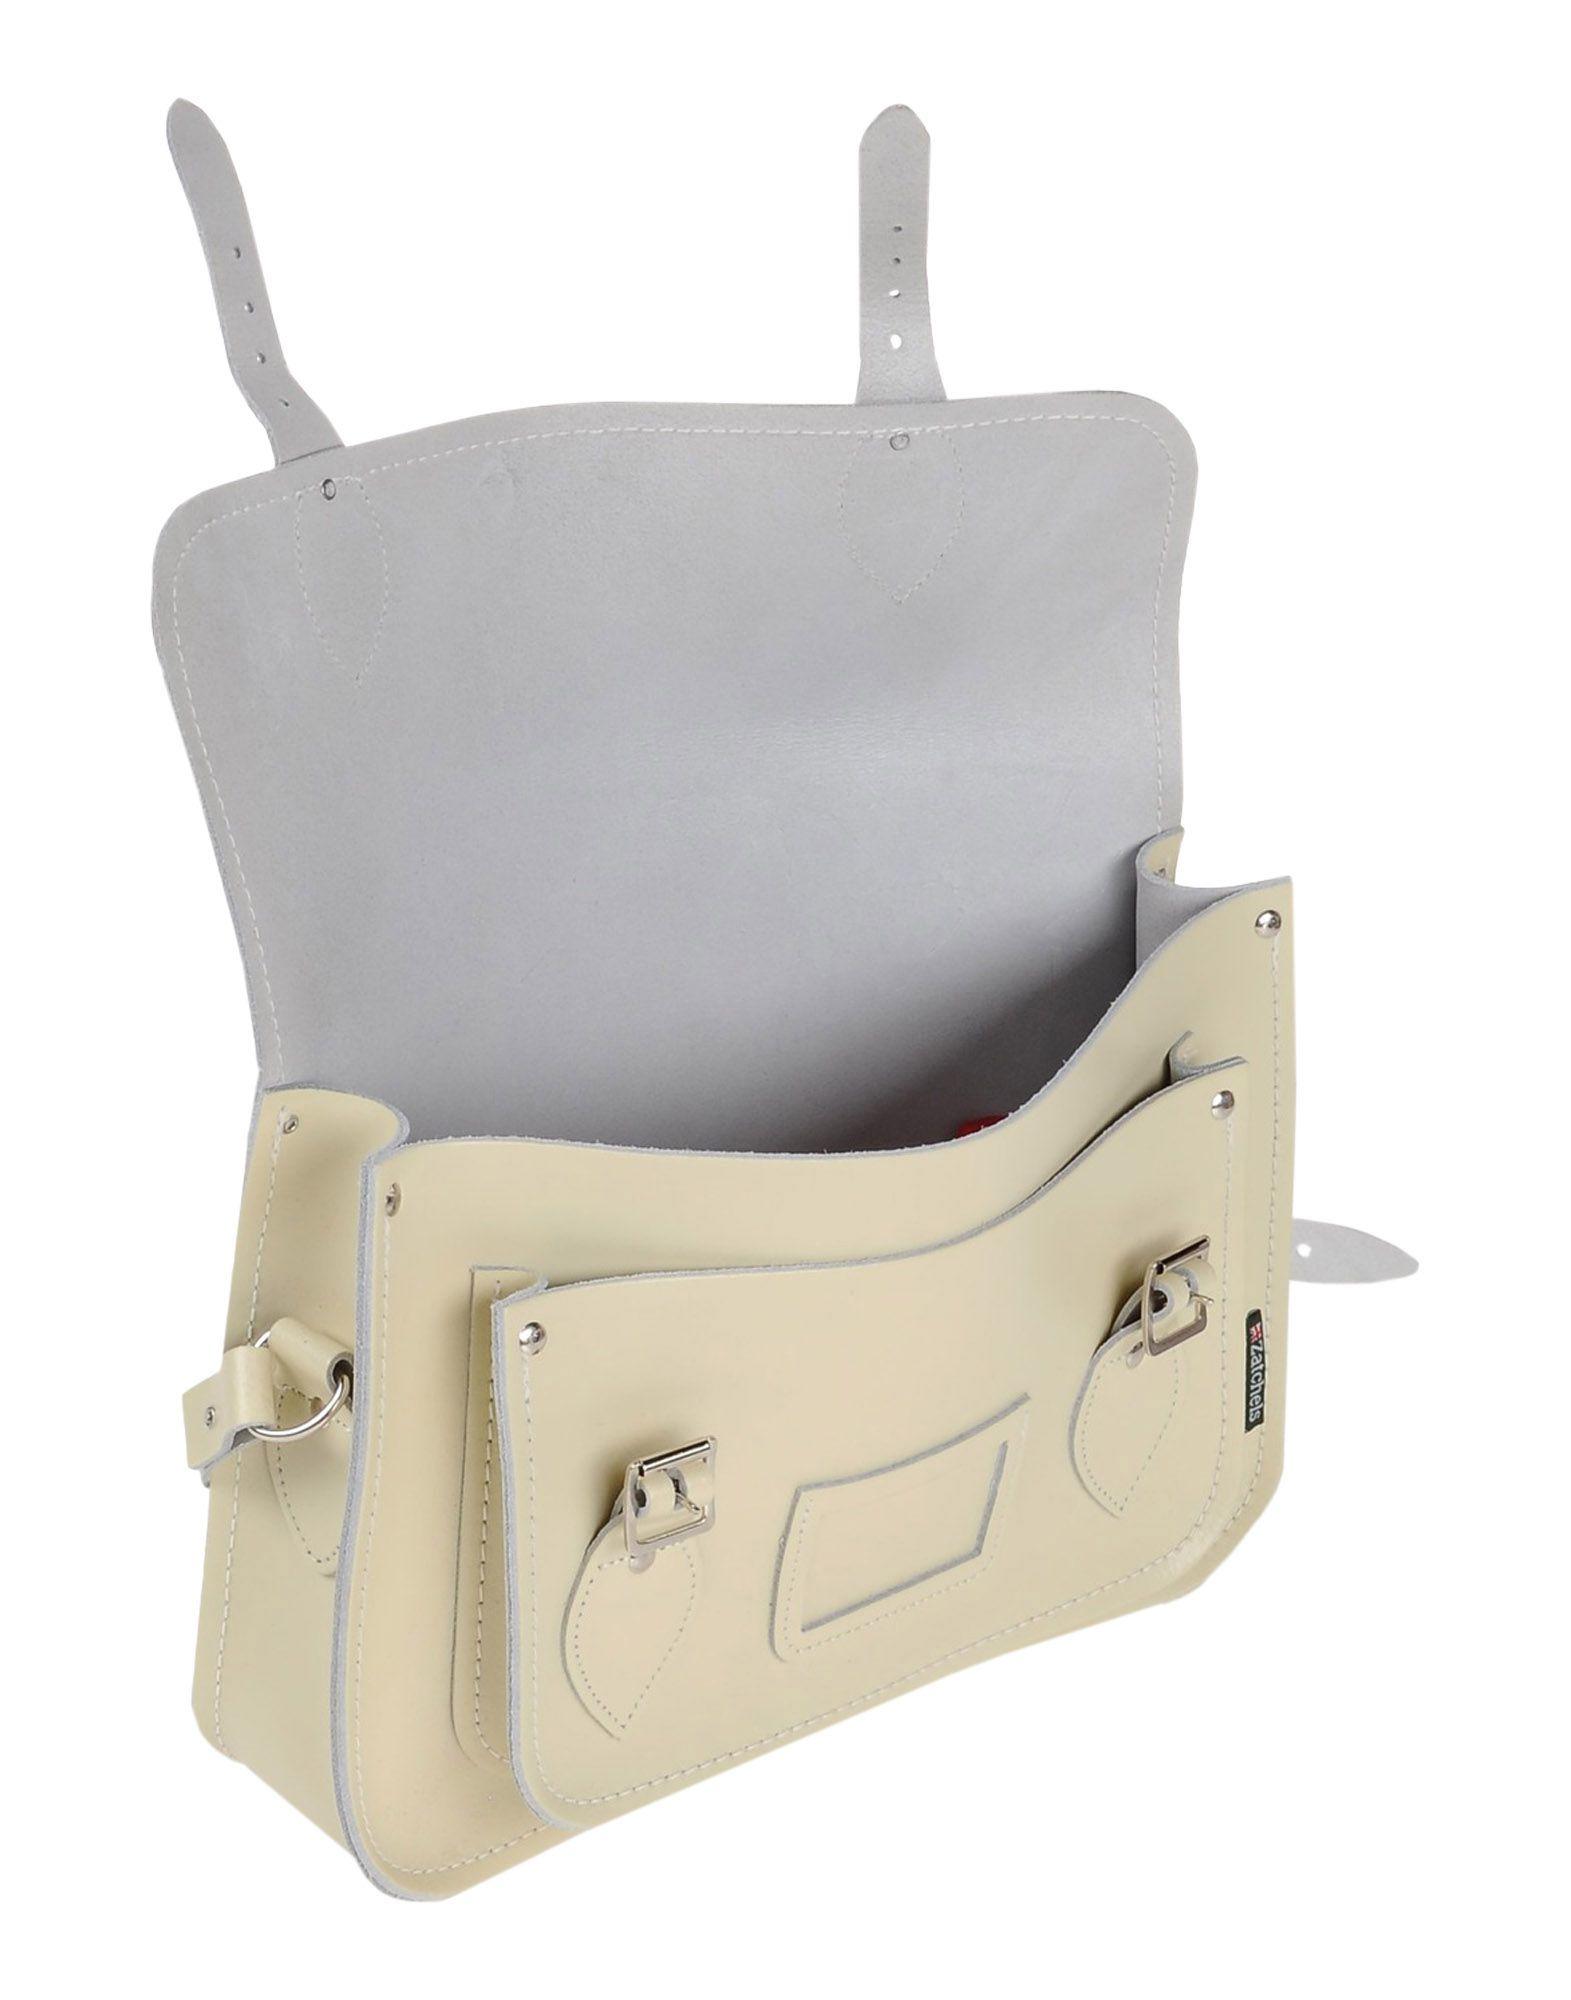 Zatchels Cross-body Bag in Beige (Natural)